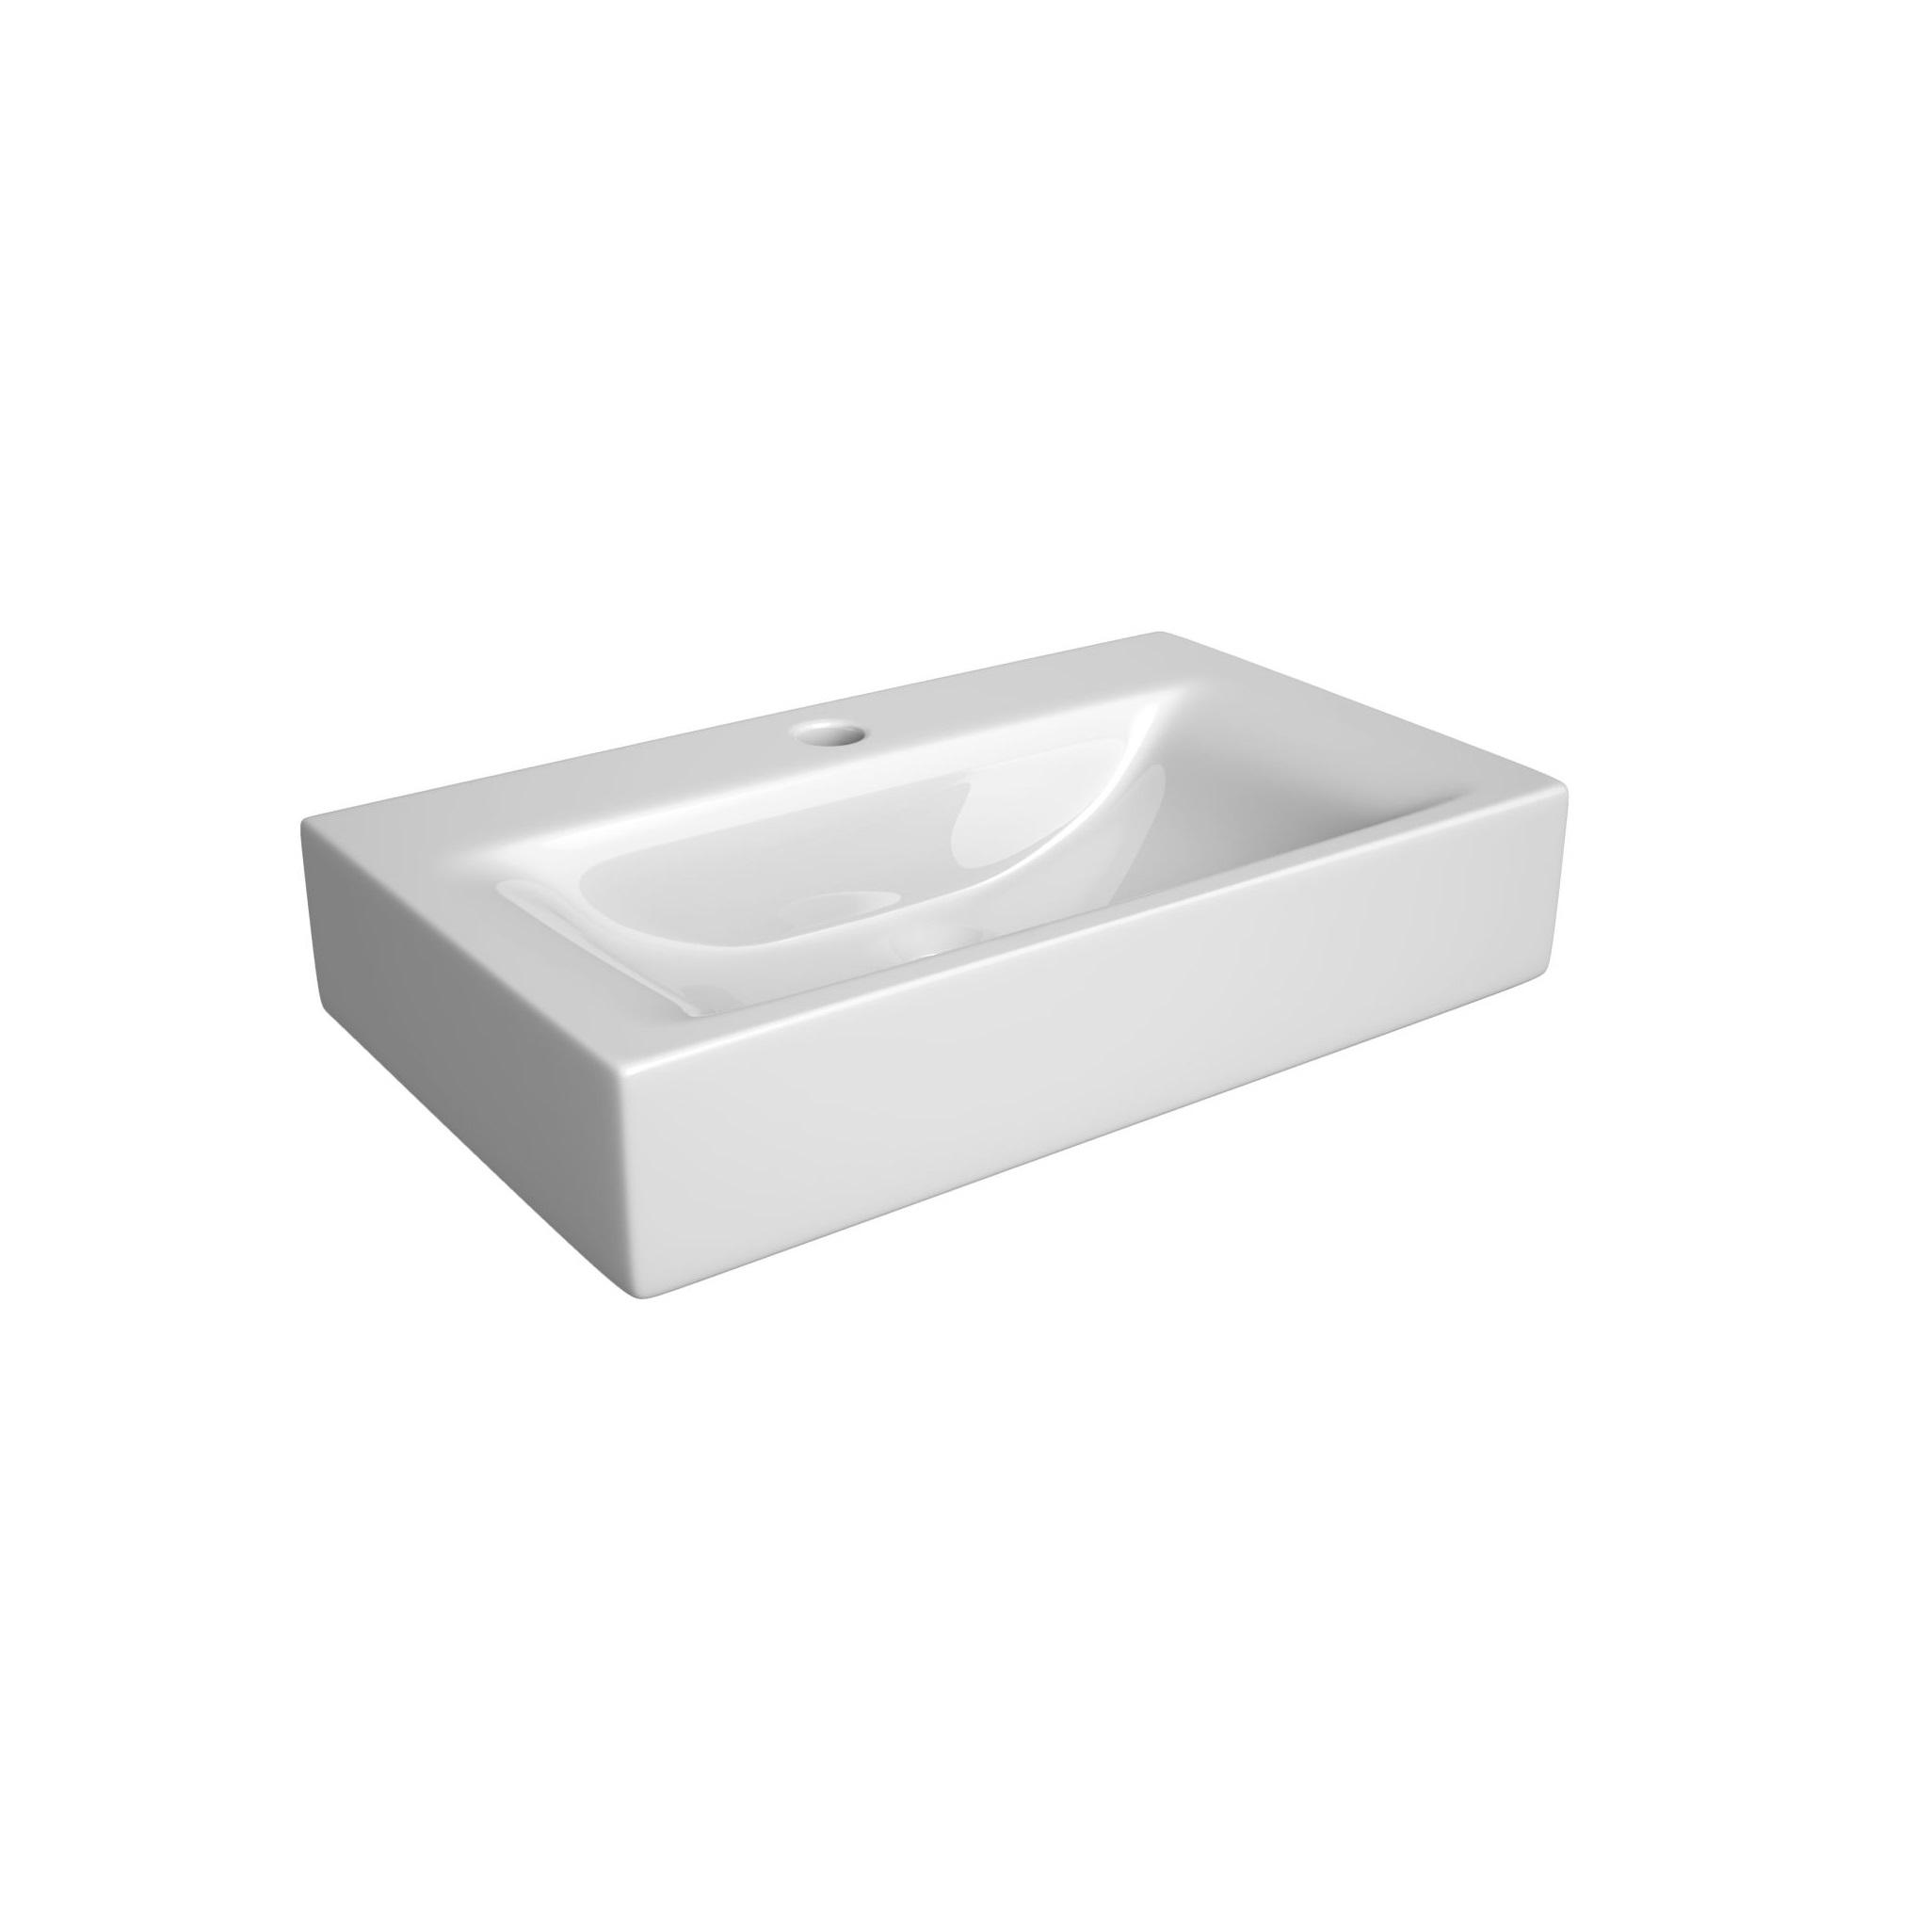 Umywalka wpuszczana w blat  ceramiczna Defra Valencia 50 L 30x50x1,5 cm 1420